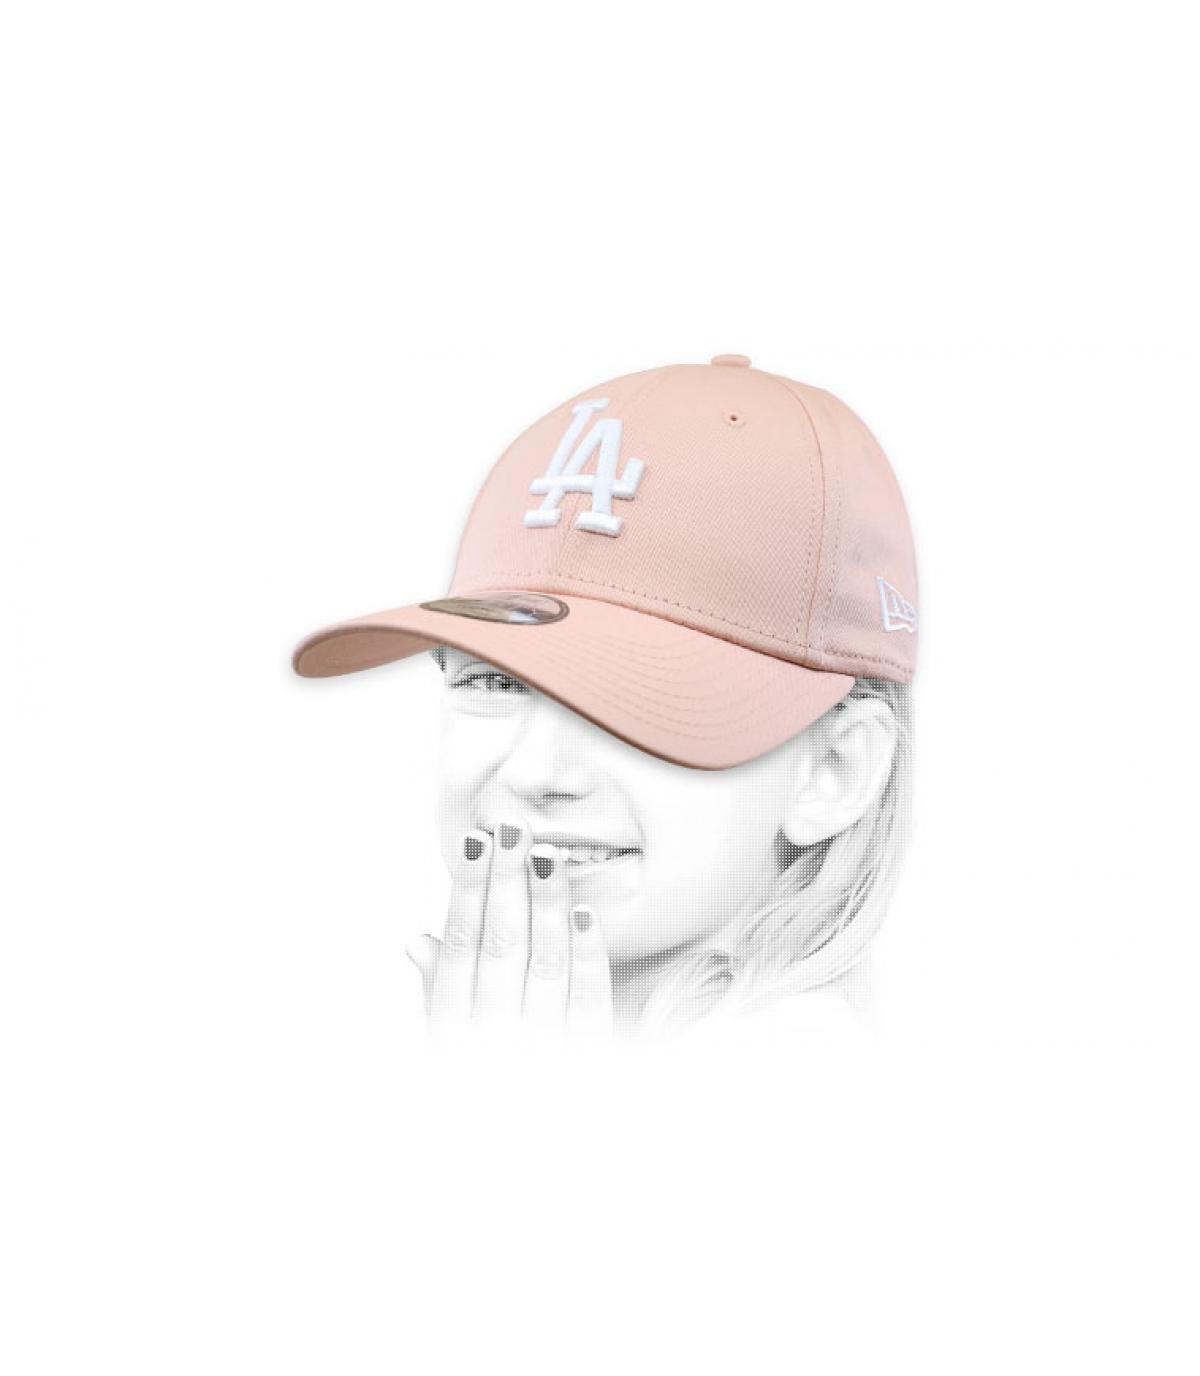 casquette LA enfant rose